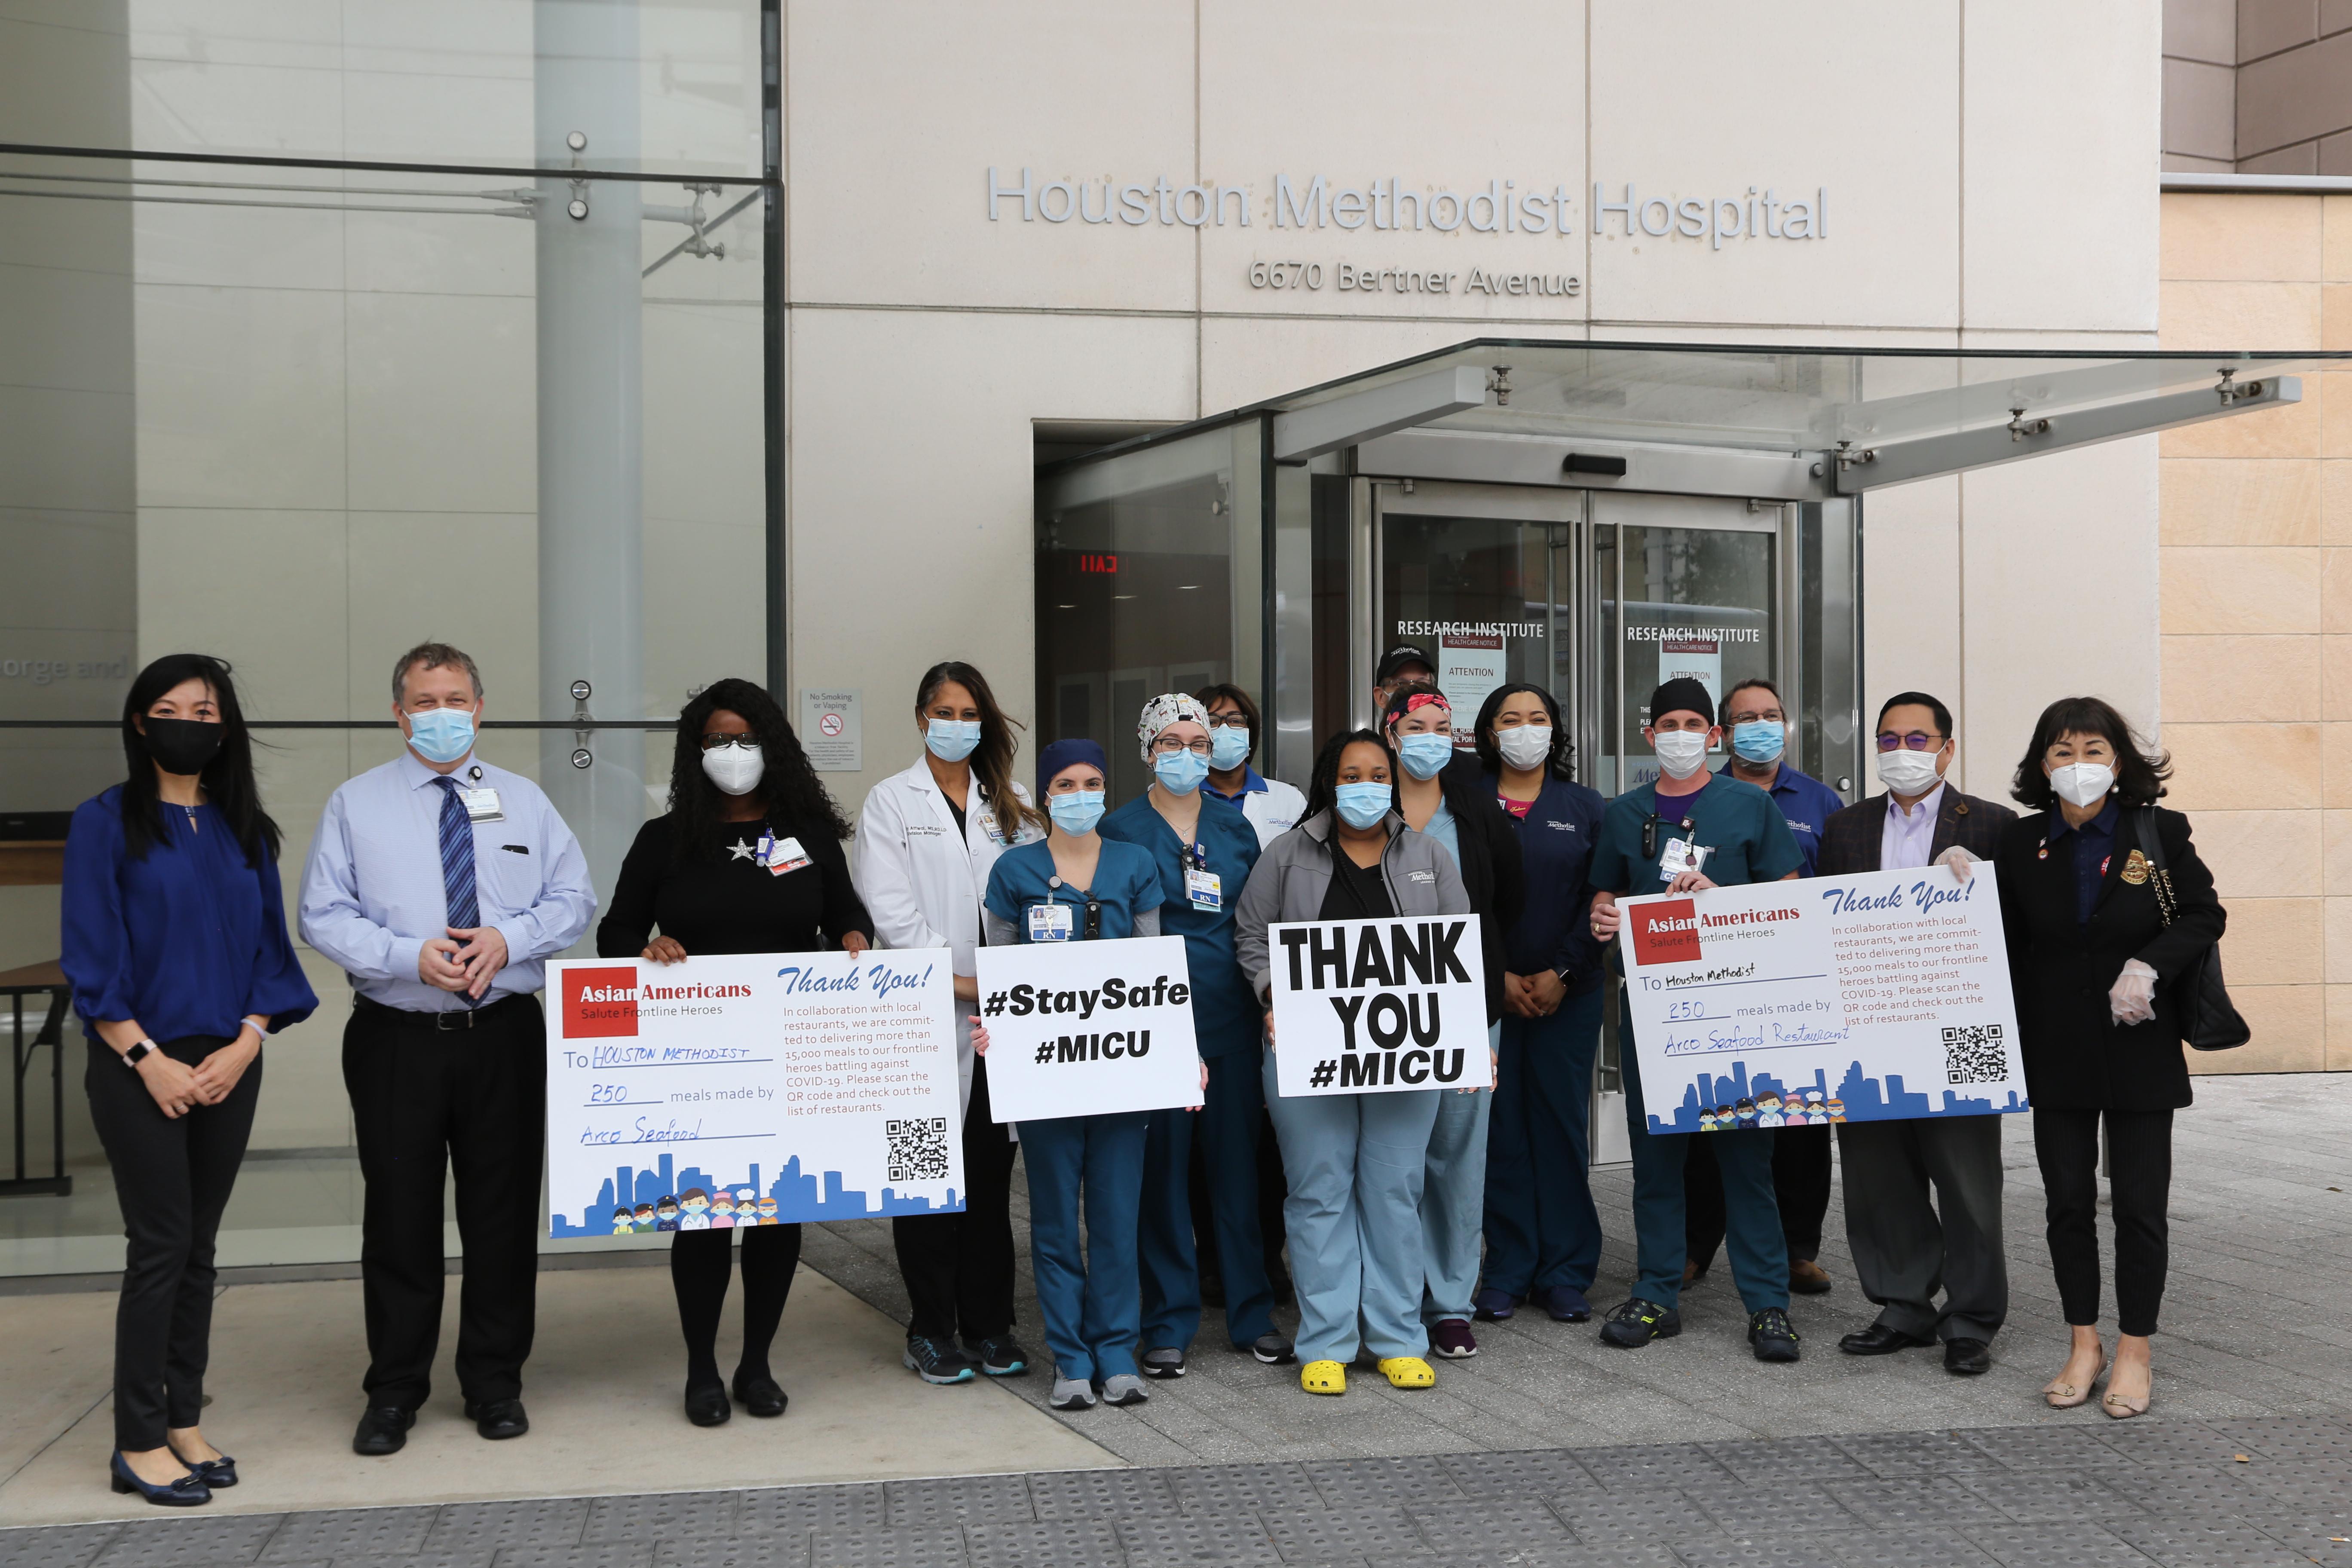 斯坦福市議員譚秋晴(右起)、亞裔商會會長喻斌等送出數百份東海餐館的飯盒給Methodist加護病房的護士,受到熱烈歡迎。